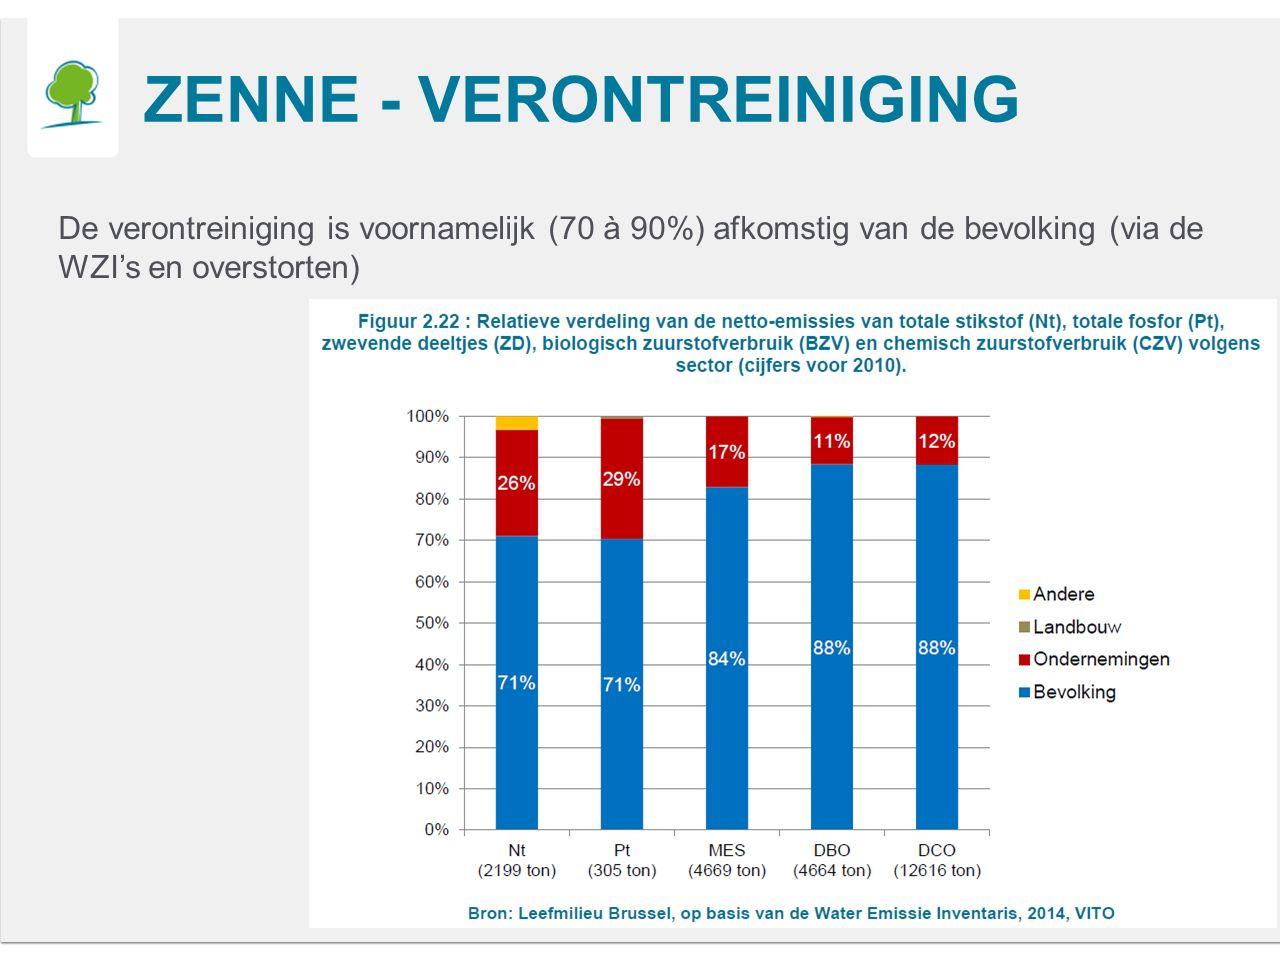 ZENNE - VERONTREINIGING De verontreiniging is voornamelijk (70 à 90%) afkomstig van de bevolking (via de WZI's en overstorten)